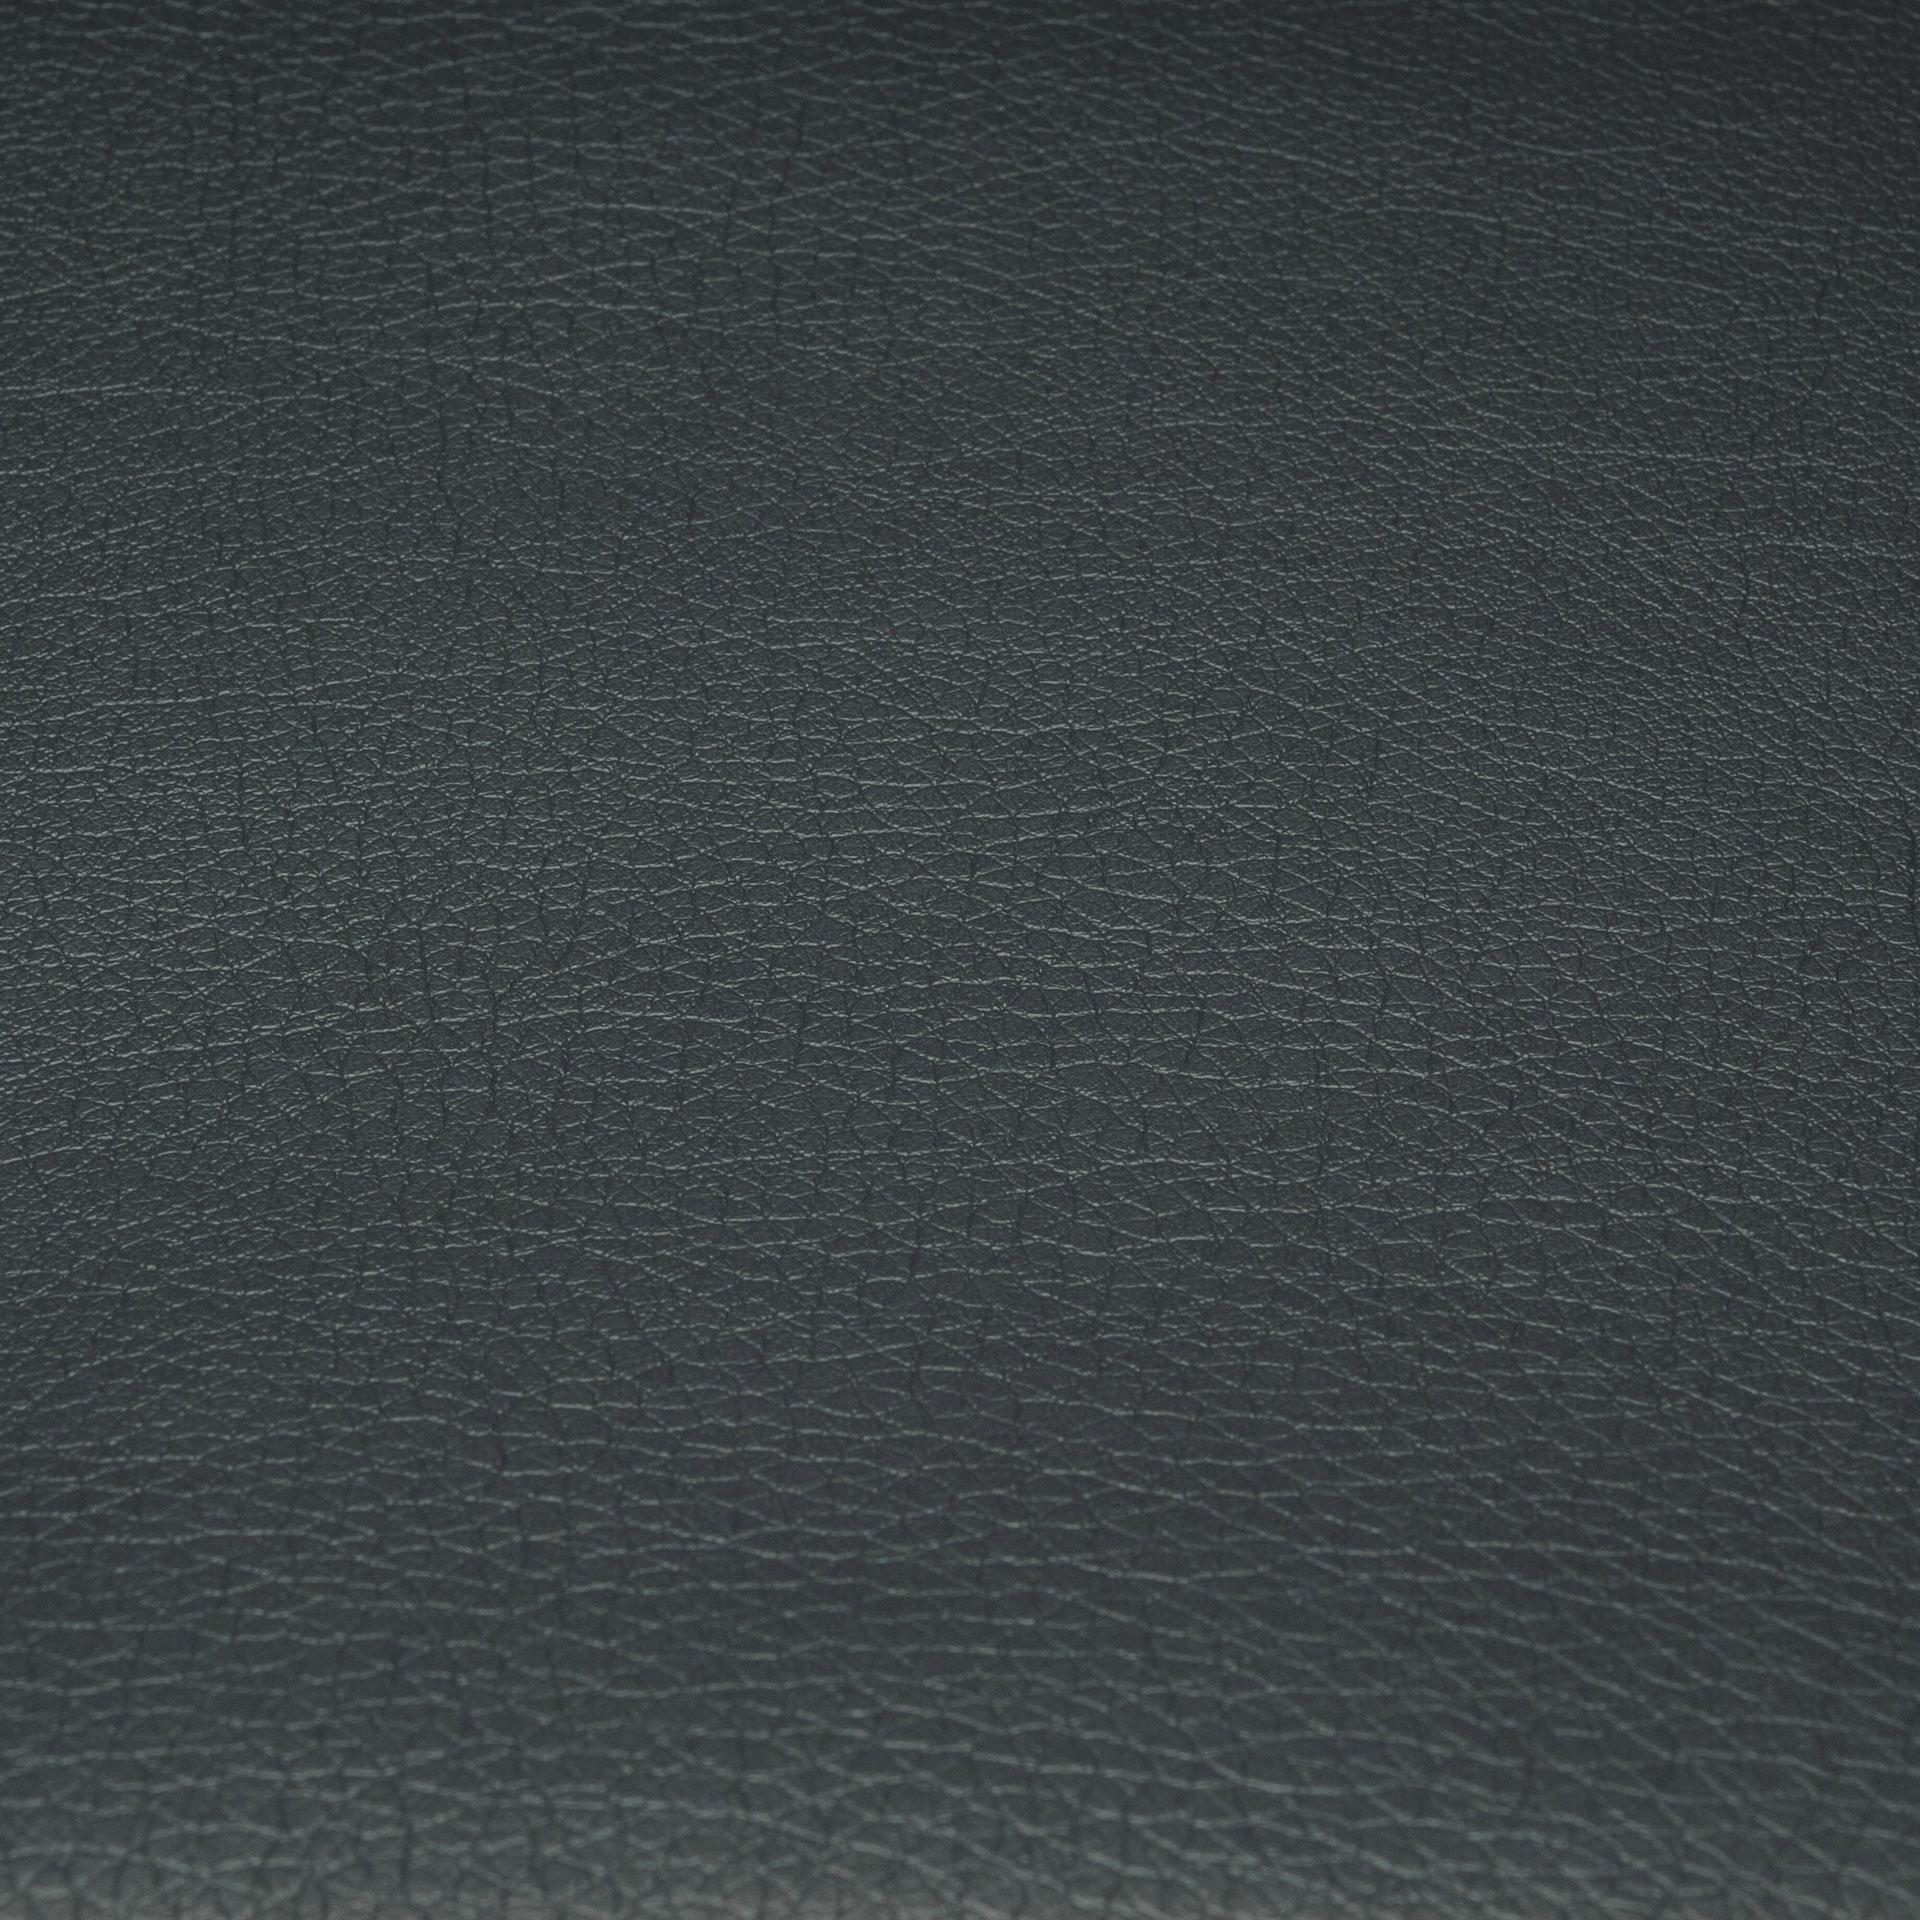 Коллекция ткани Софитель 04 Snow Storm,  купить ткань Кож зам для мебели Украина